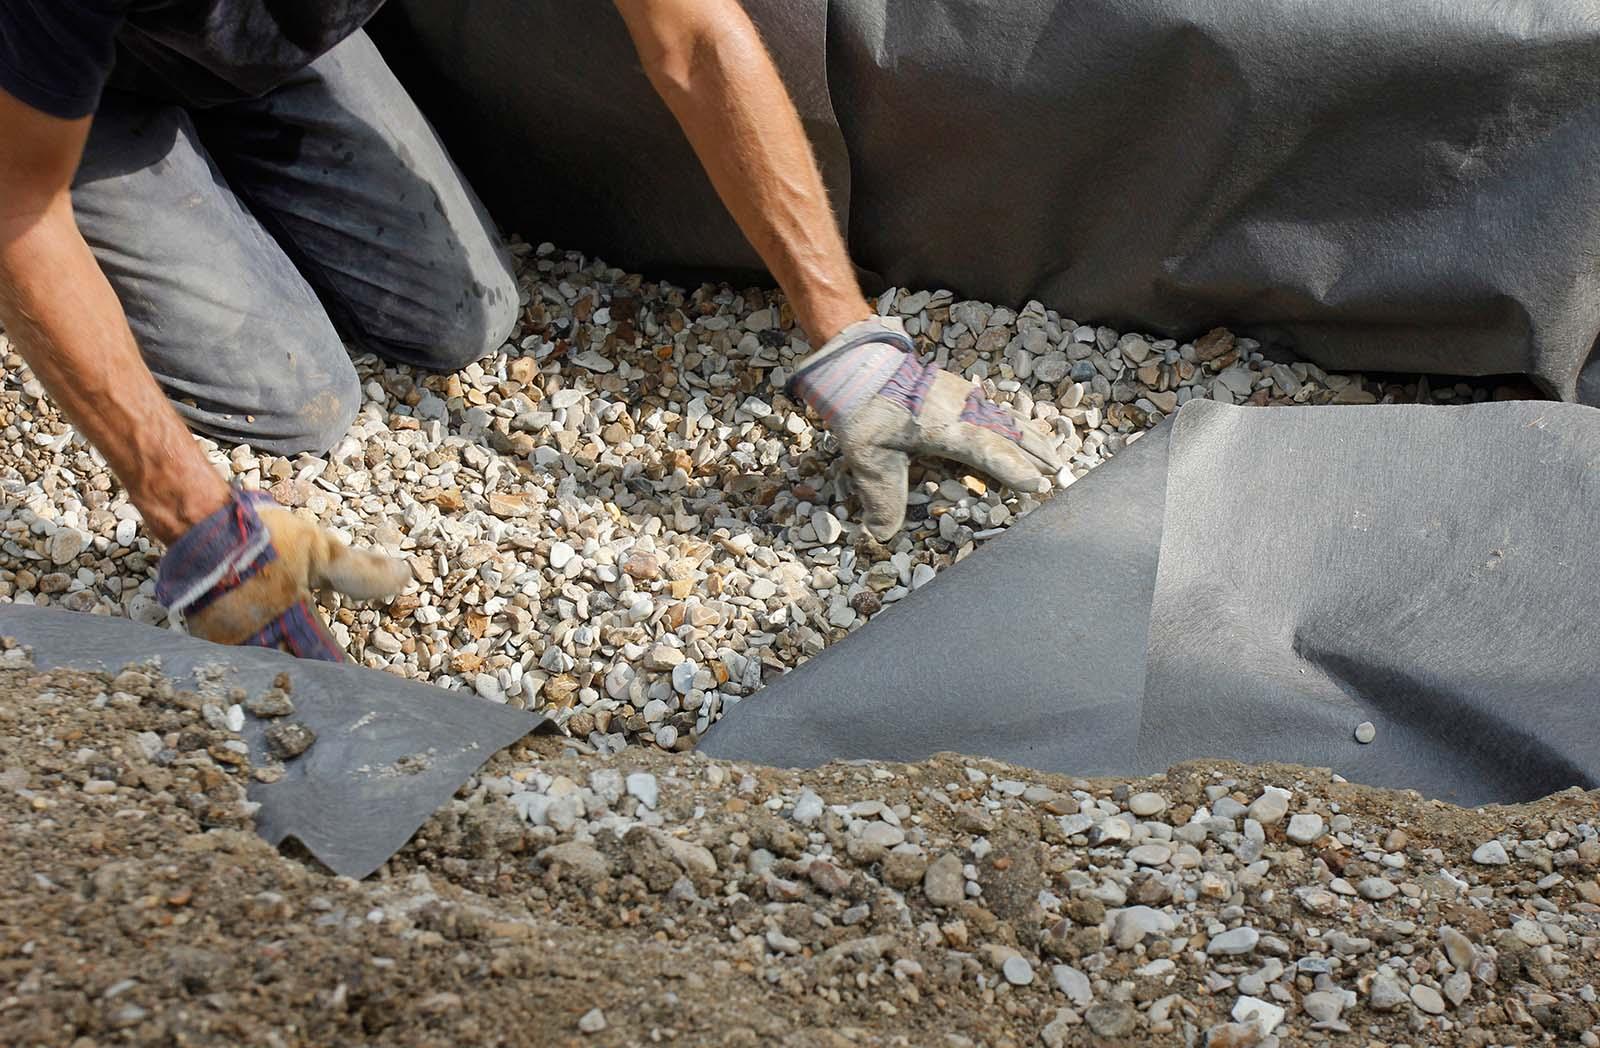 Vi hjälper dig med dräneringi Stockholm! Så här kan det se ut när vi dränerar. En fuktsäker dränering med hjälp av stenar och grus.